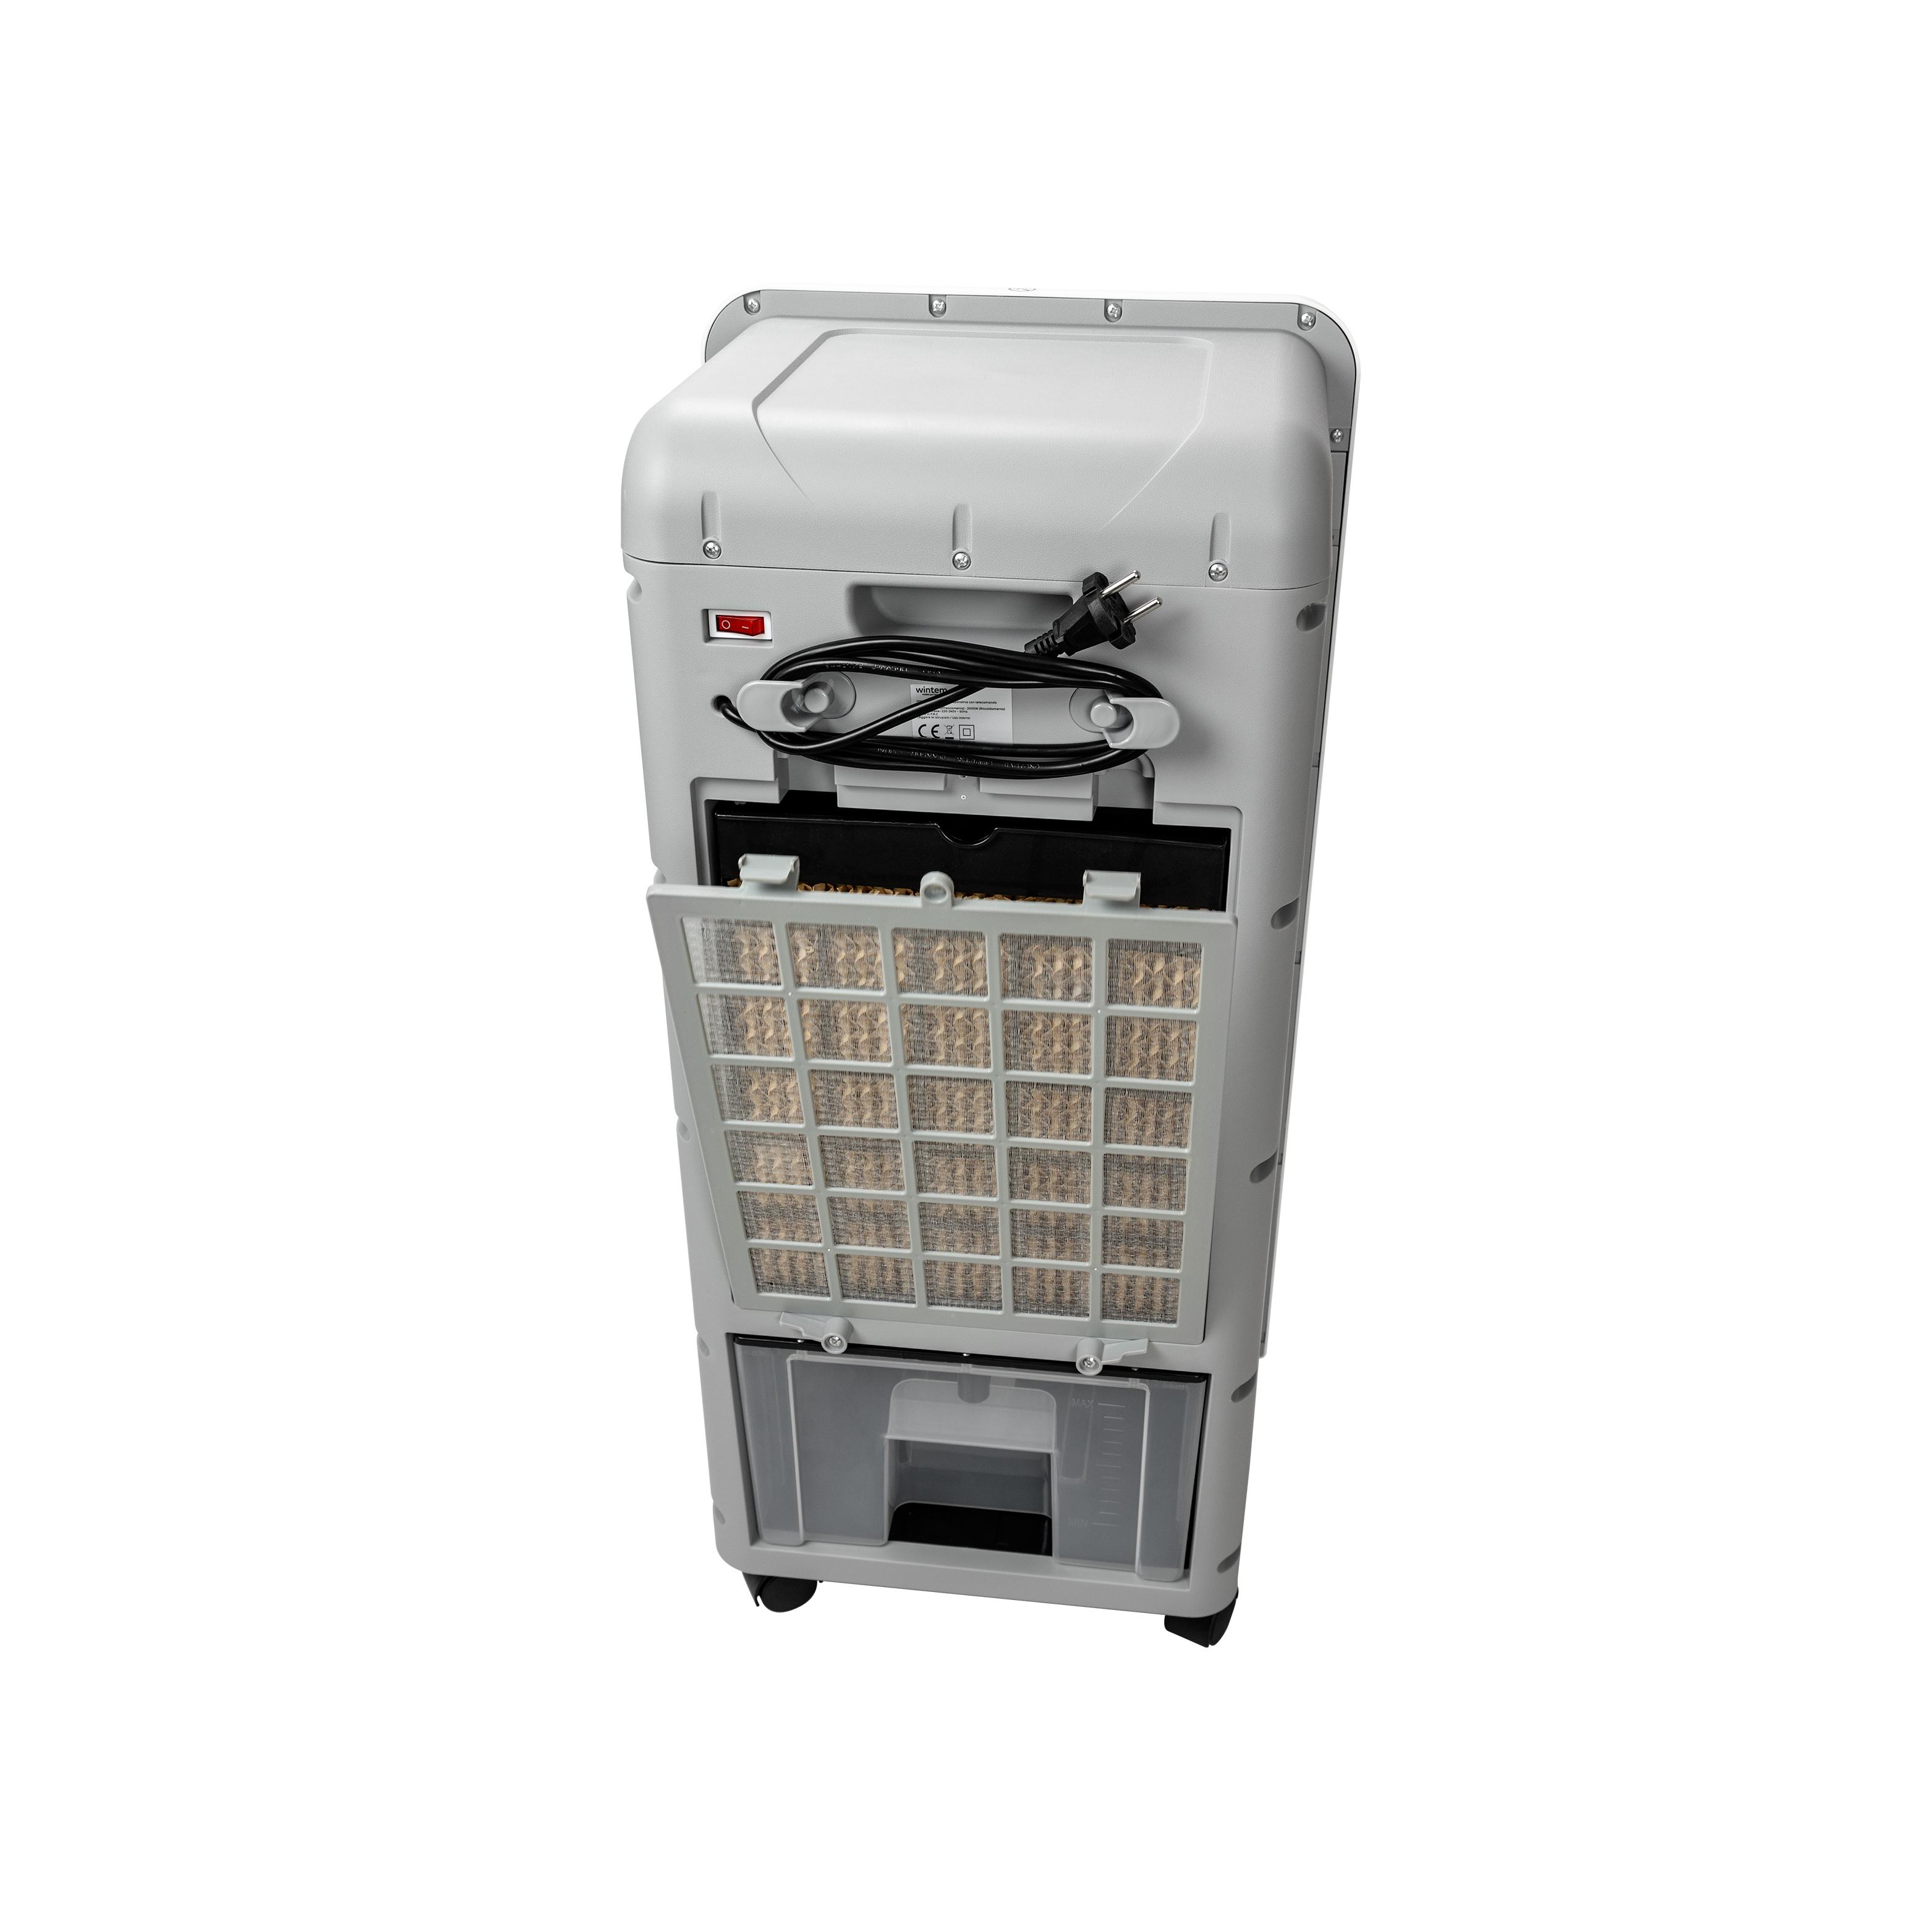 Horus Climatizzatore Portatile 2000 Watt Raffrescatore Aria Calda Fredda Wintem 7